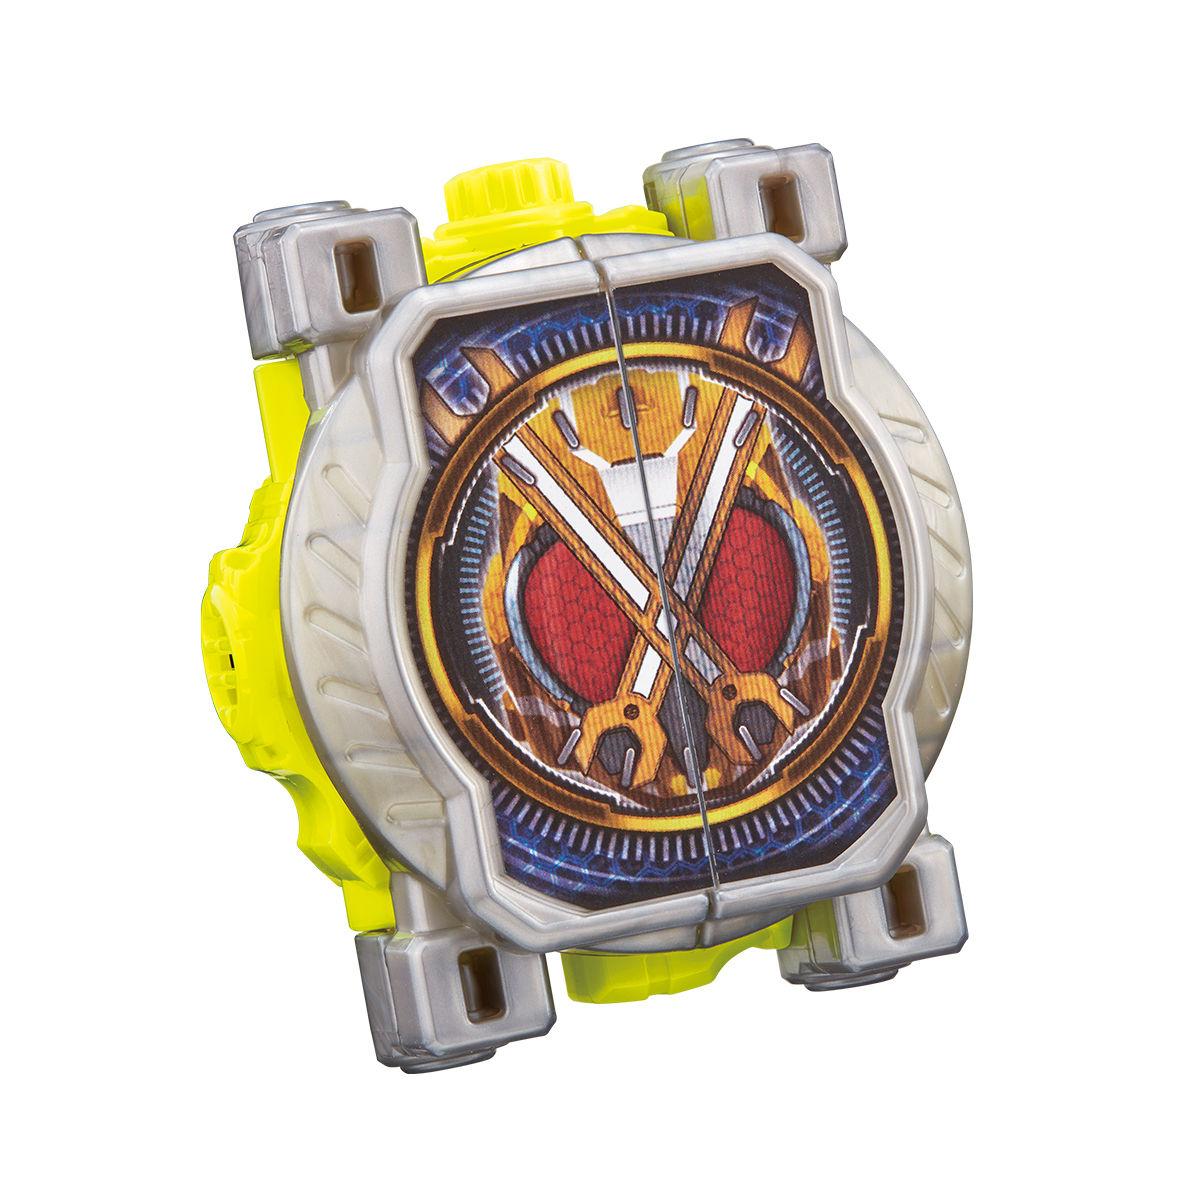 仮面ライダージオウ『DXキカイミライドウォッチ』変身なりきり-002